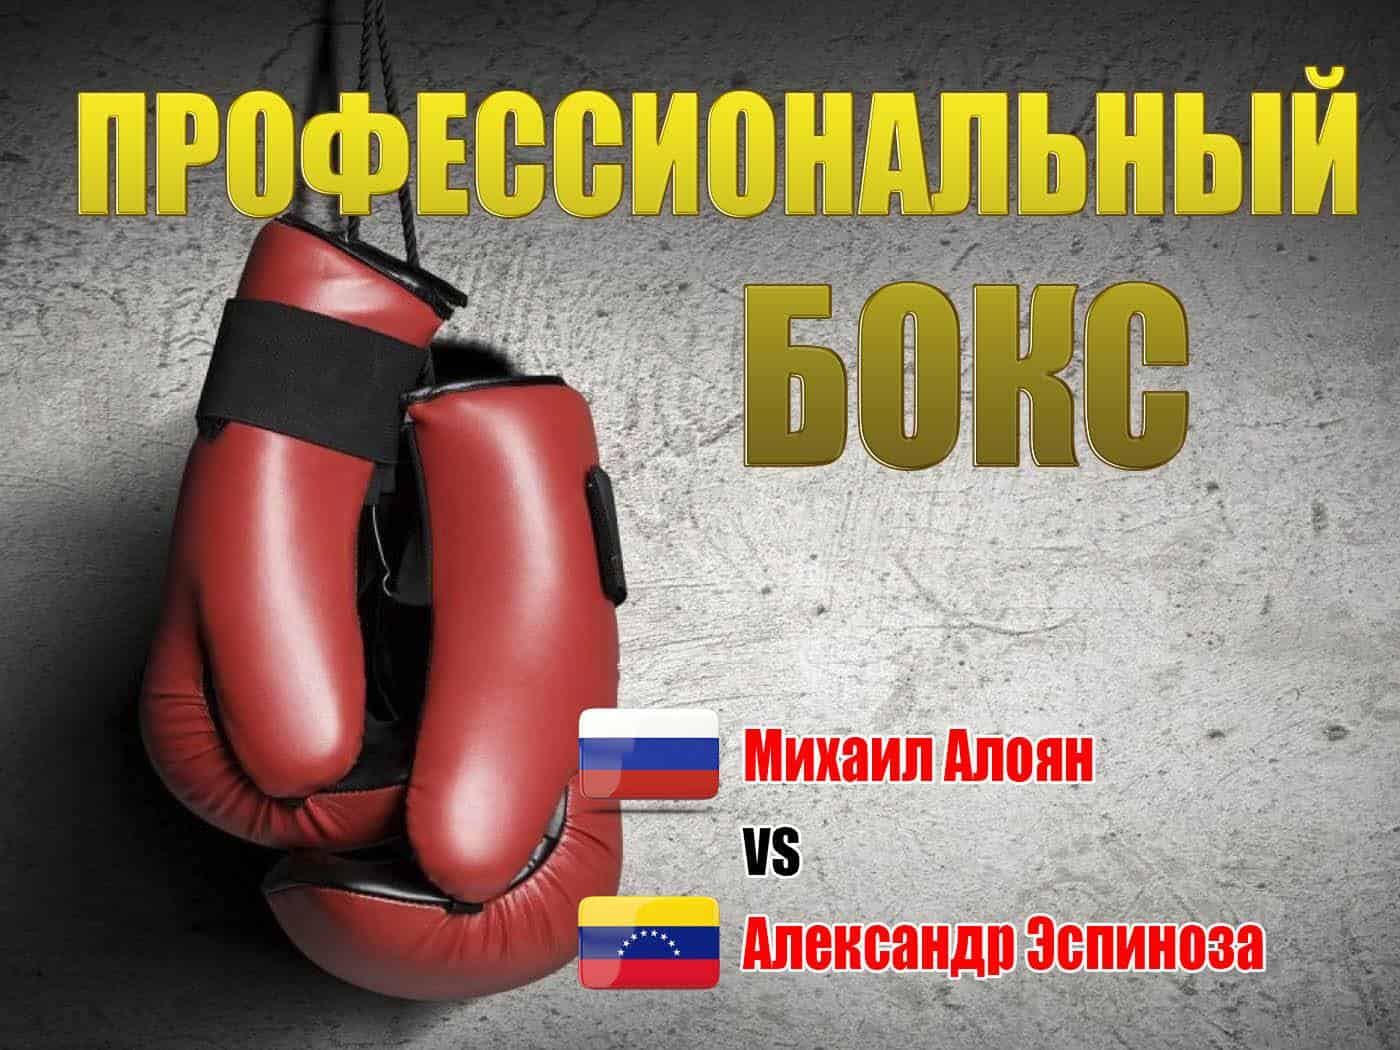 Профессиональный бокс Михаил Алоян против Александра Эспинозы в 07:45 на МАТЧ! Боец